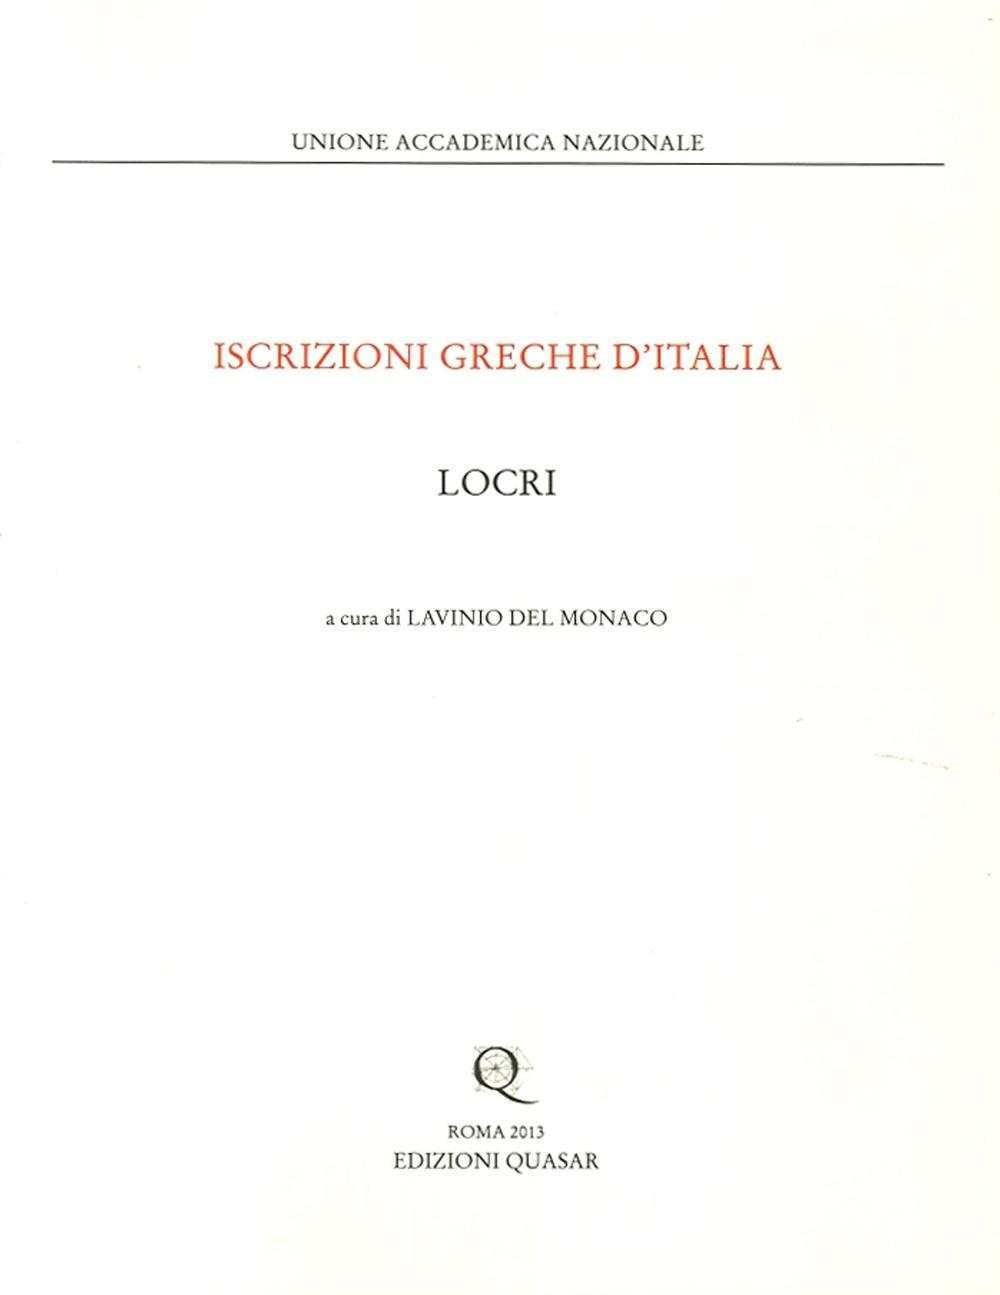 Iscrizioni Greche d'Italia. Locri